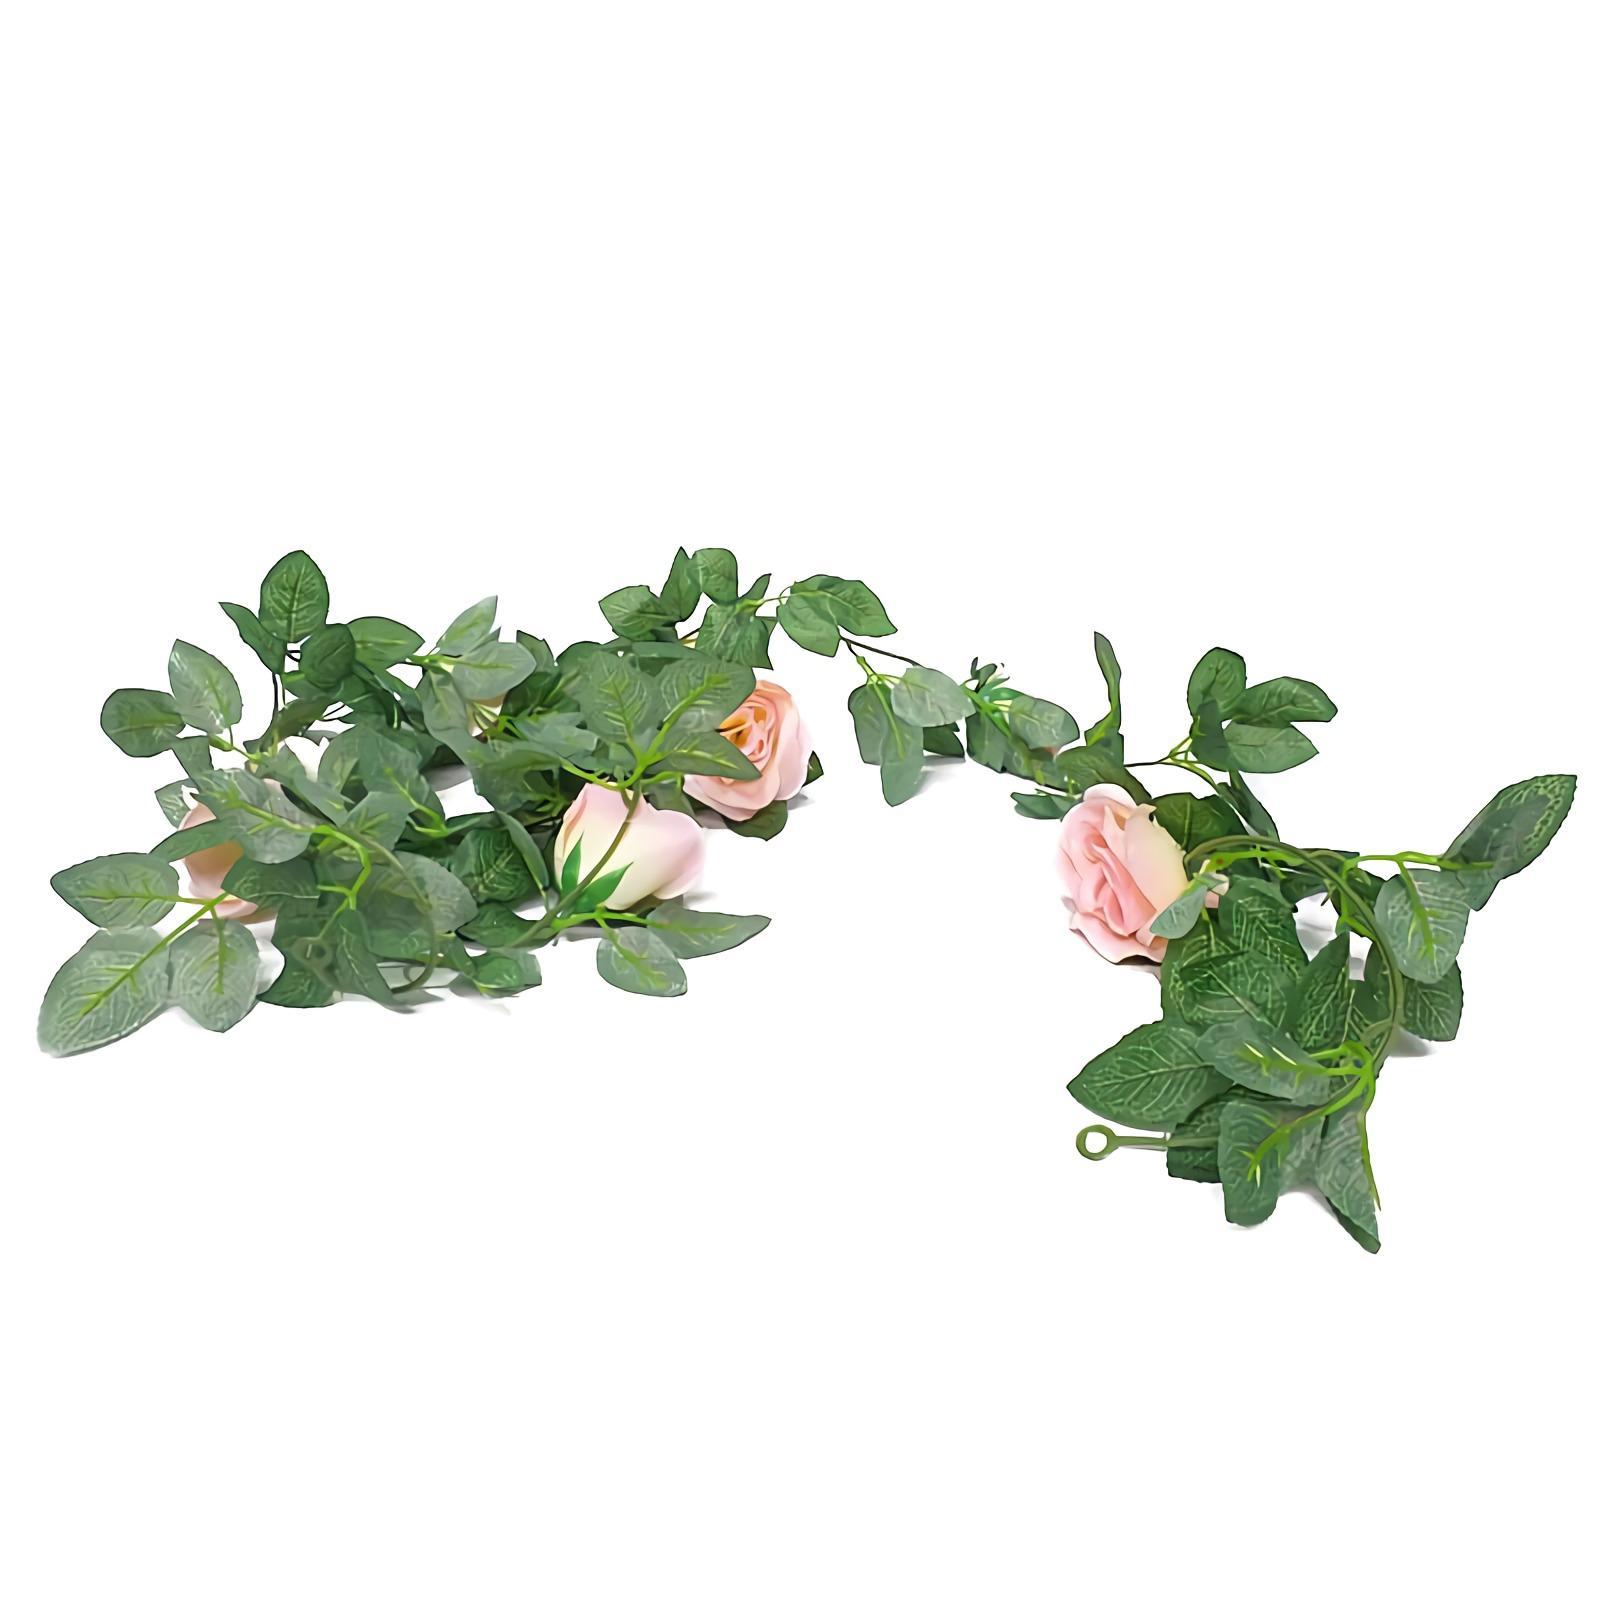 OHOME Bunga Mawar Rambat Artifisial  Panjang 225CM  Artificial Flower 8  Kuntum AN-B000489PK af83b9b4cb